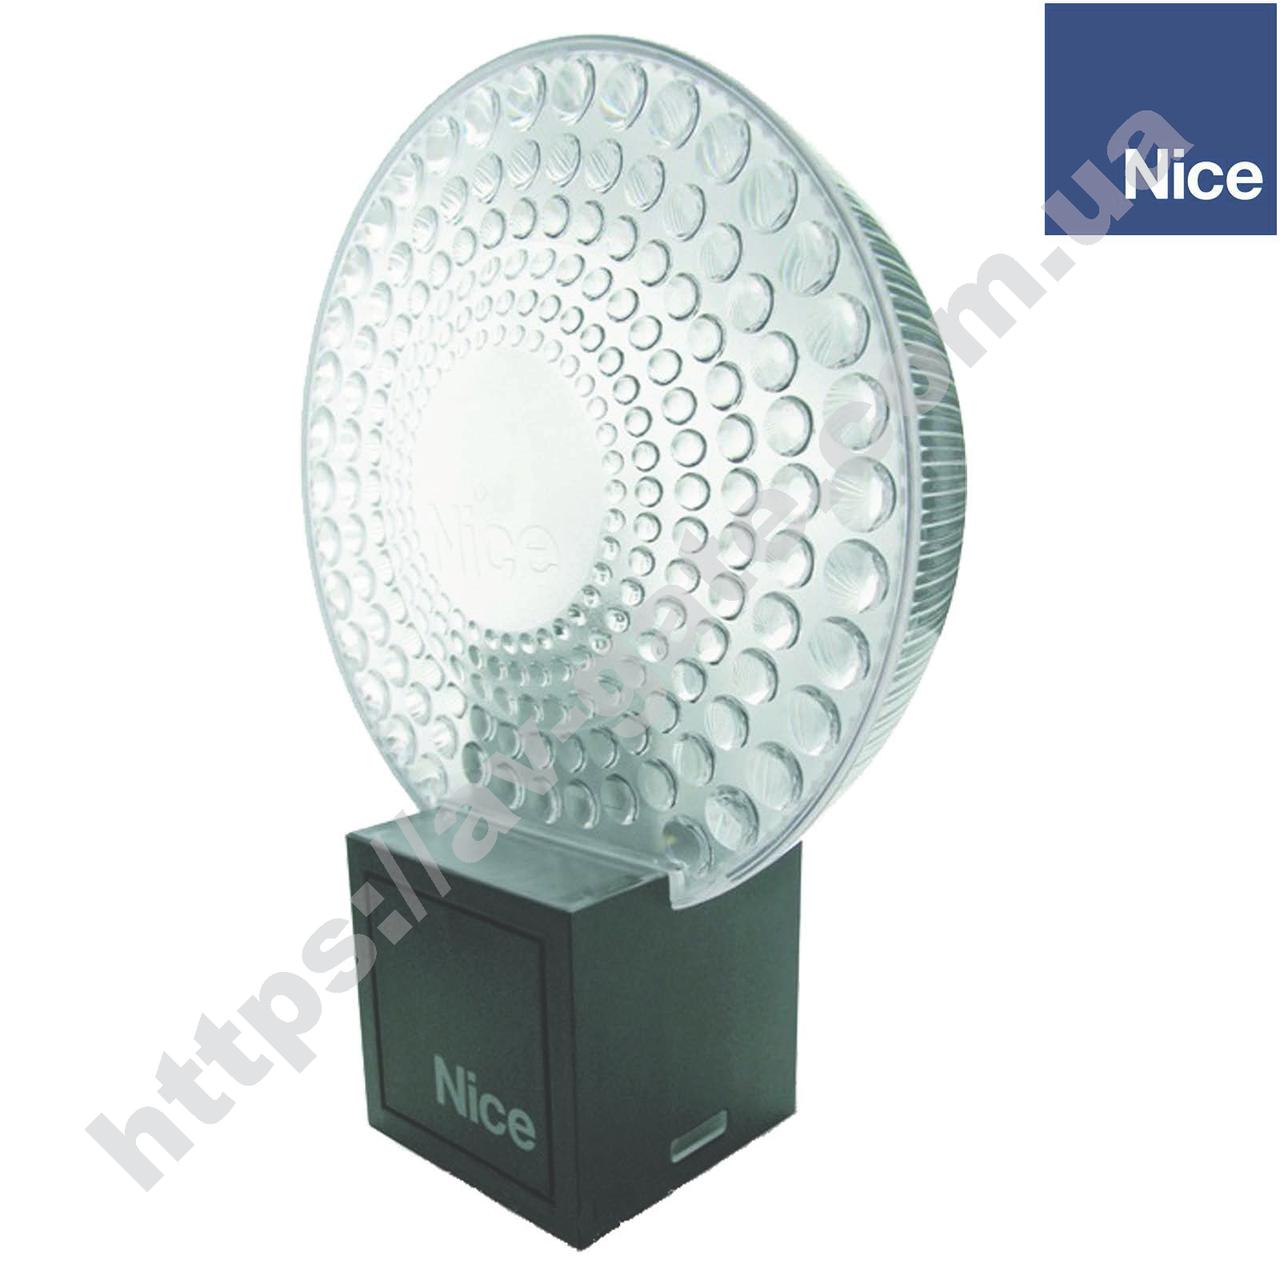 Сигнальная лампа MLBT Nice (12B, BLUEBUS)